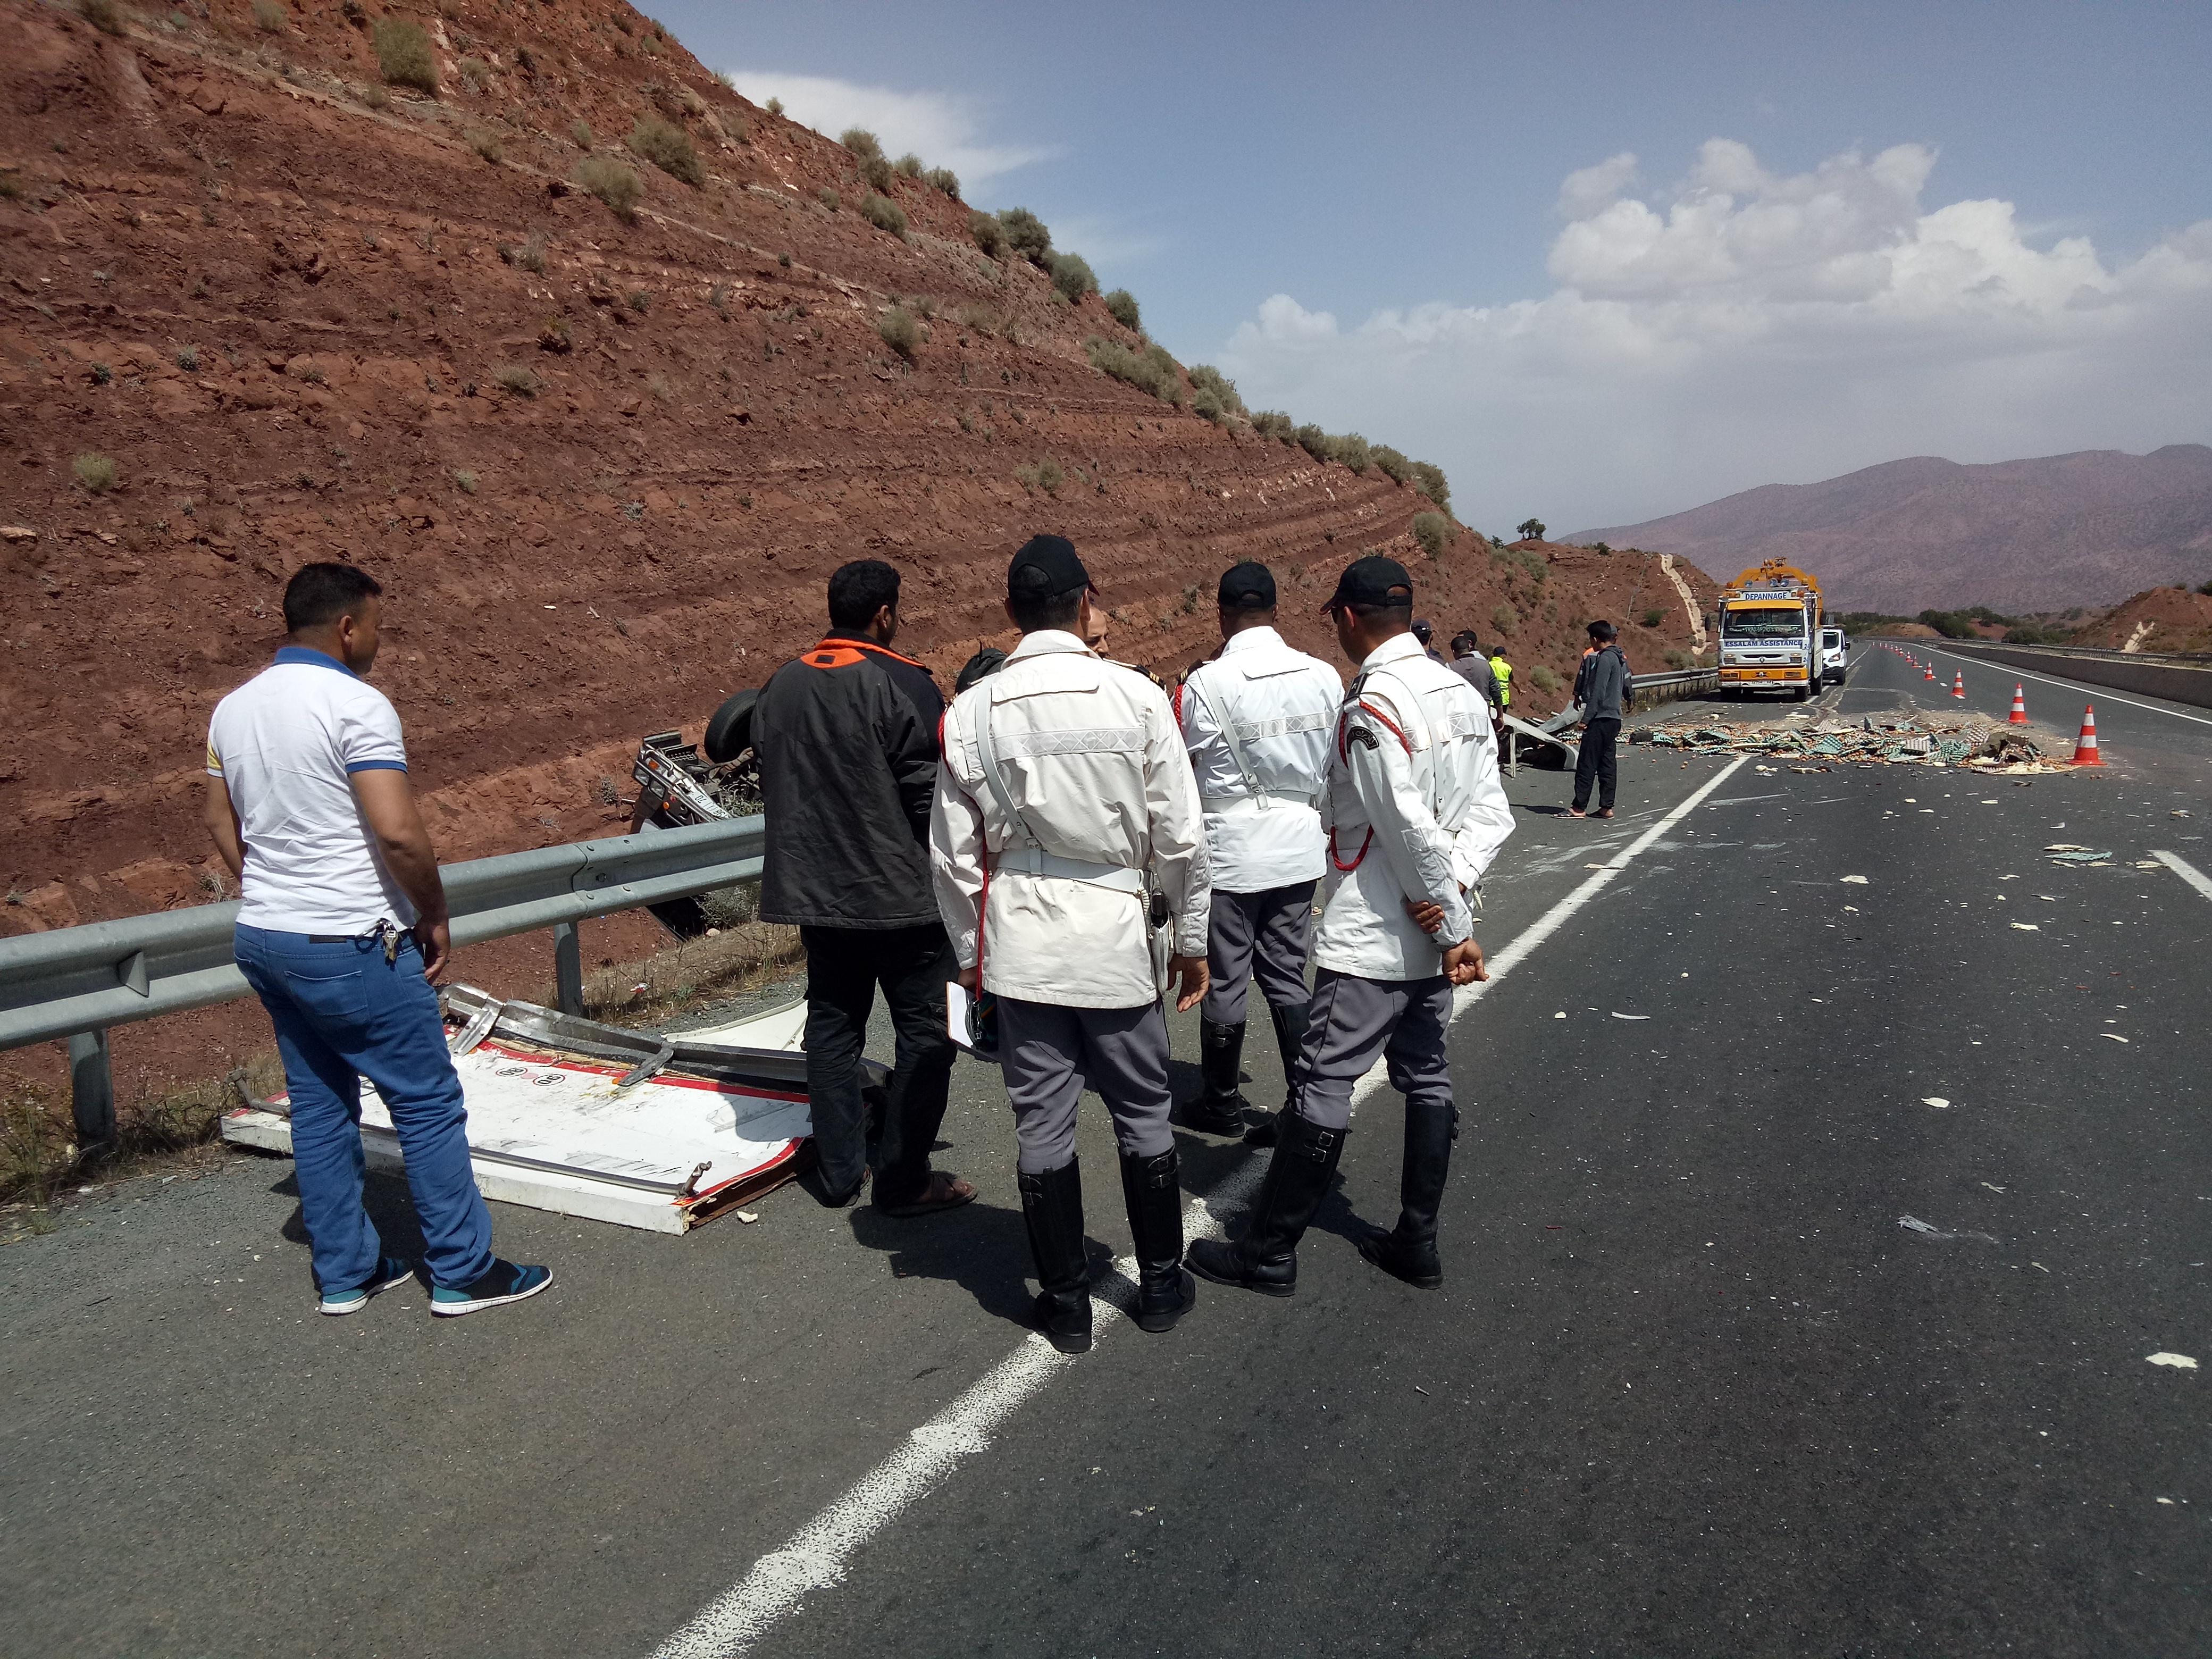 صور/ انقلاب شاحنة محملة بالبيض في منحدر أمسكرود المميت قرب أكادير !